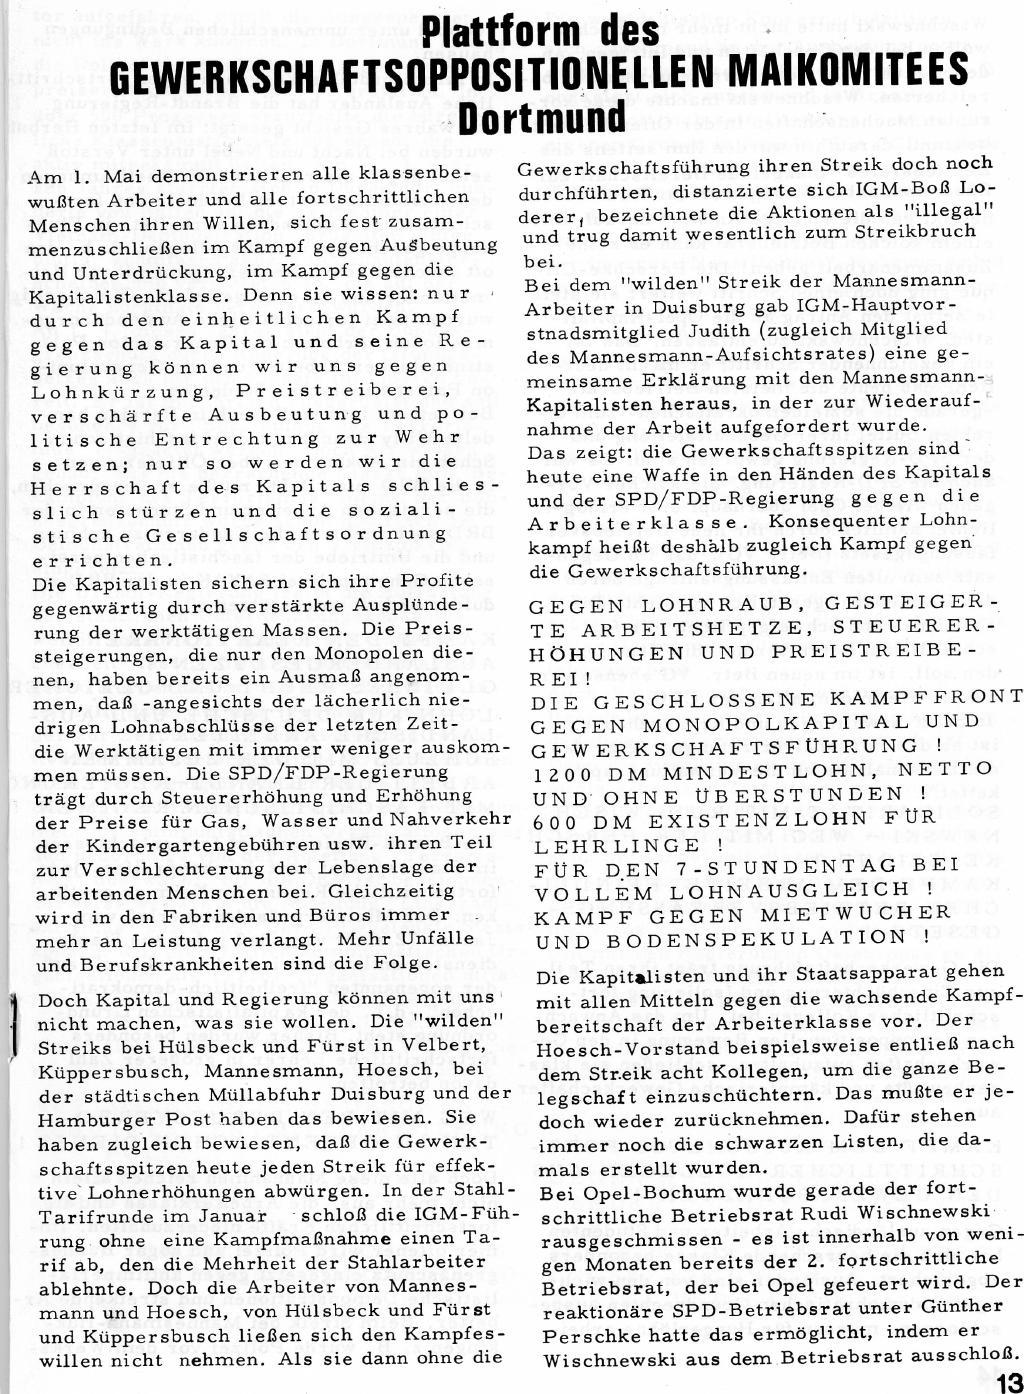 RPK_1973_011_012_13